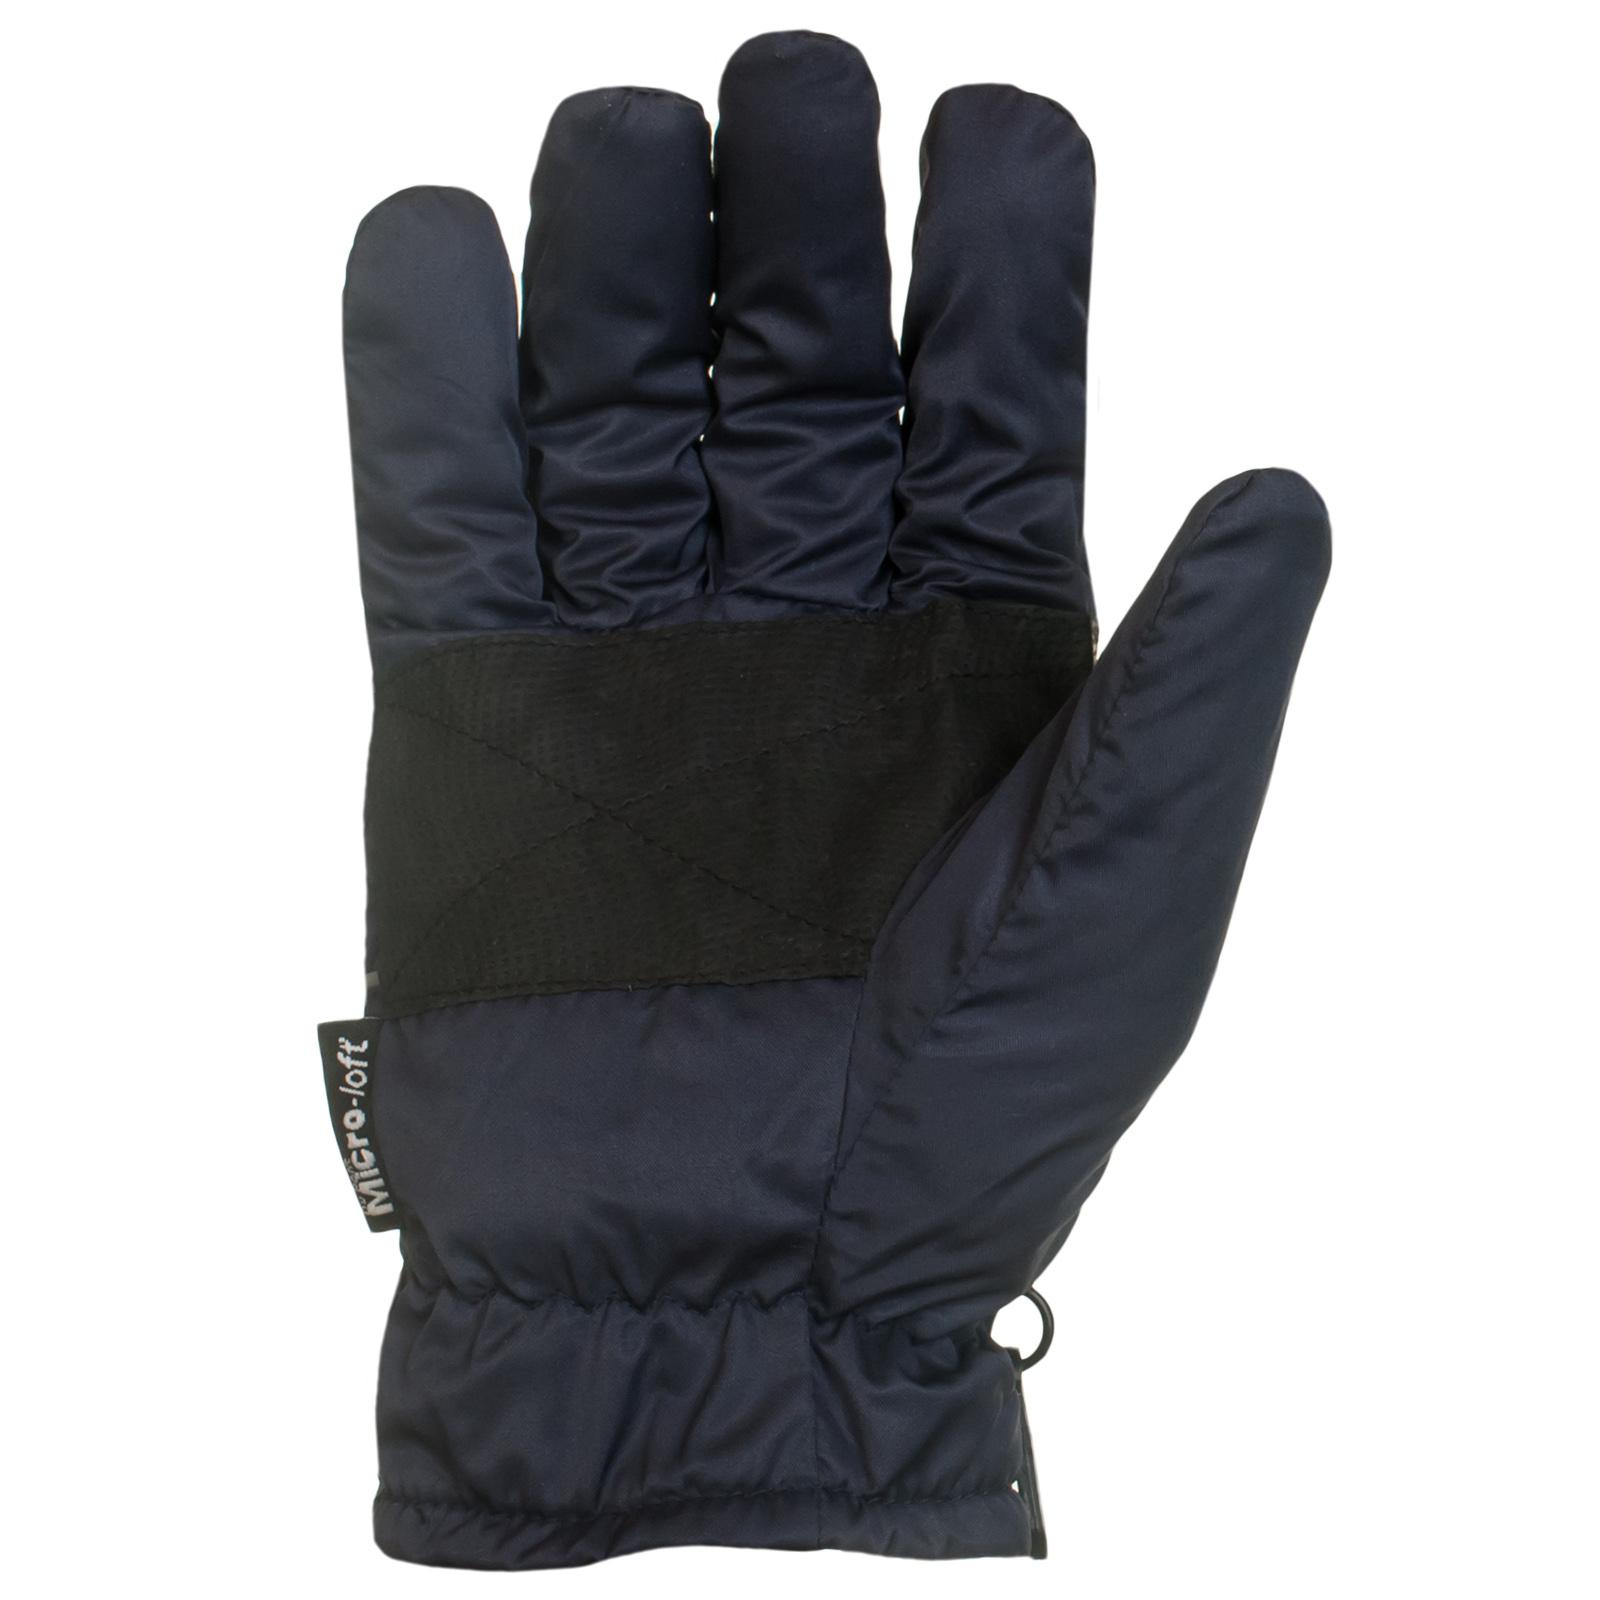 Купить эксклюзивные перчатки синего цвета выгодно оптом